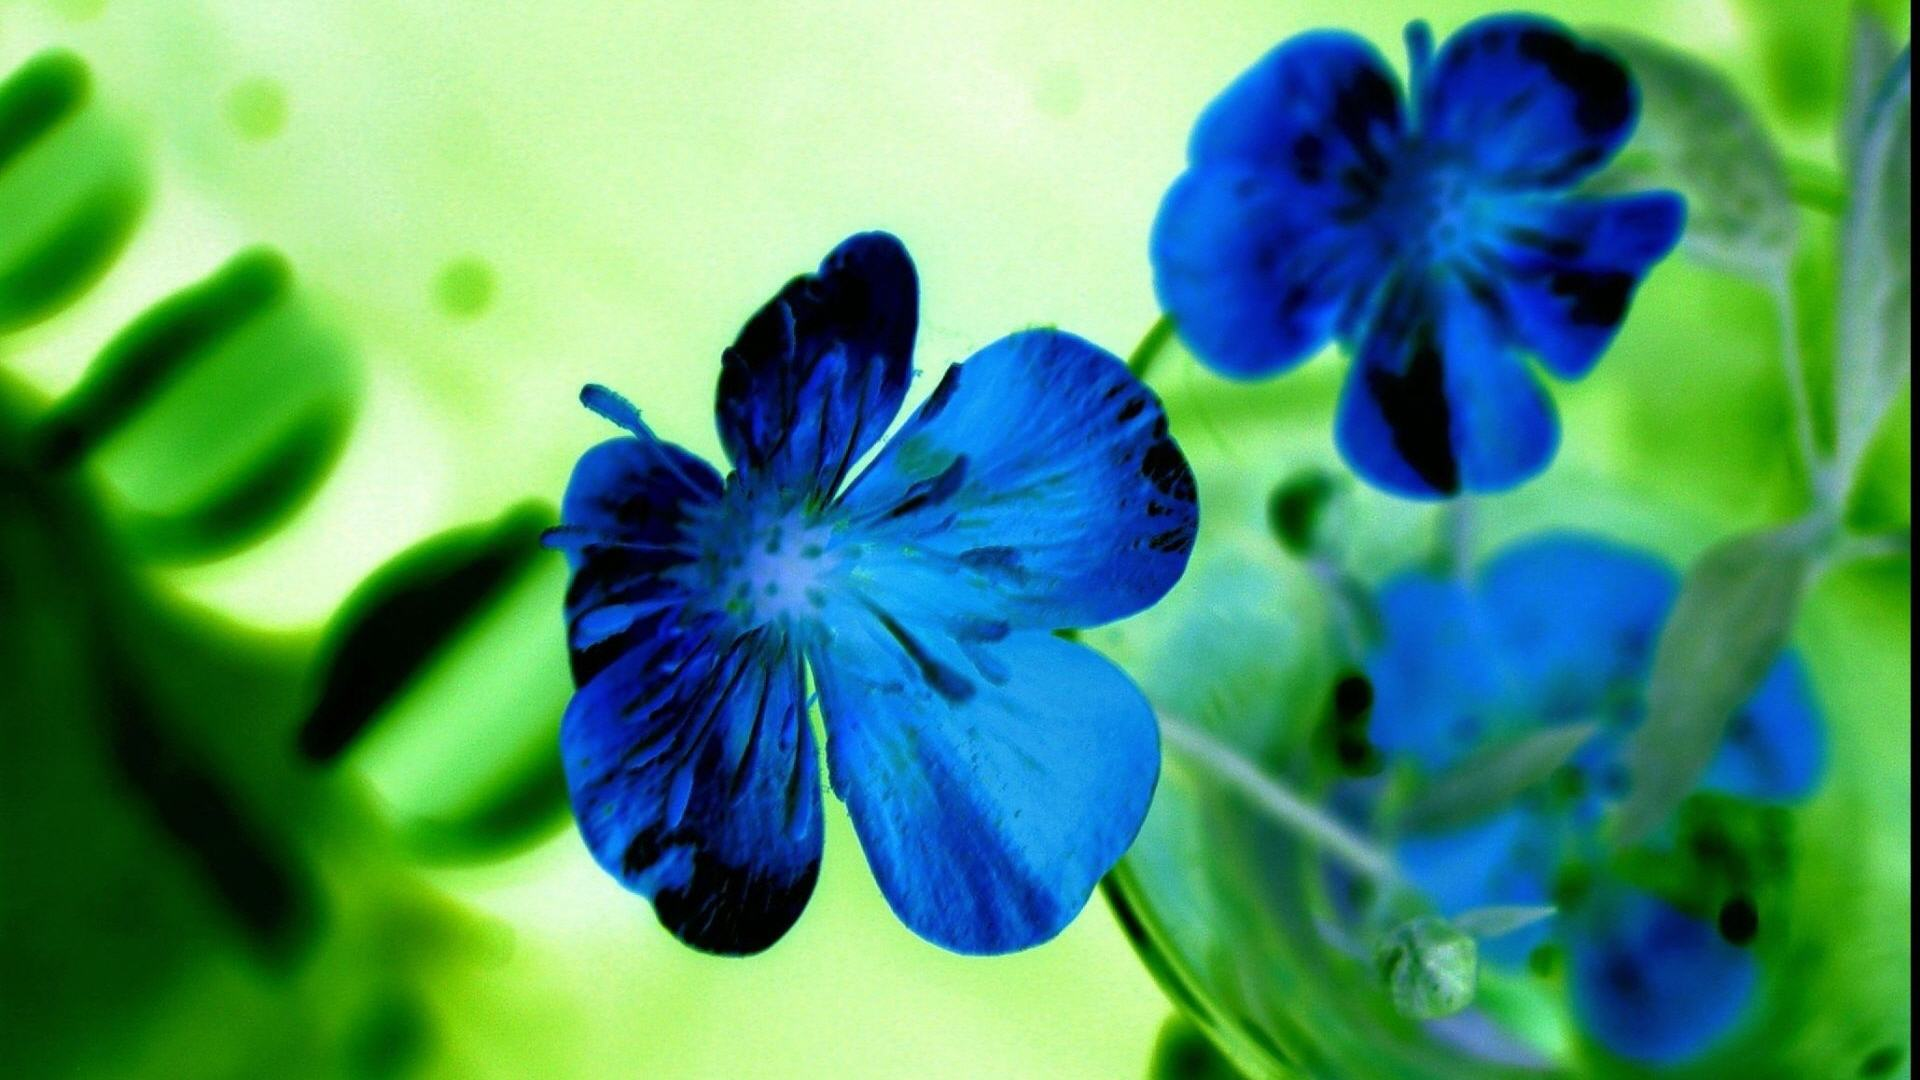 Beautiful Blue Flowers HD Desktop Wallpaper HD Desktop Wallpaper 1920x1080